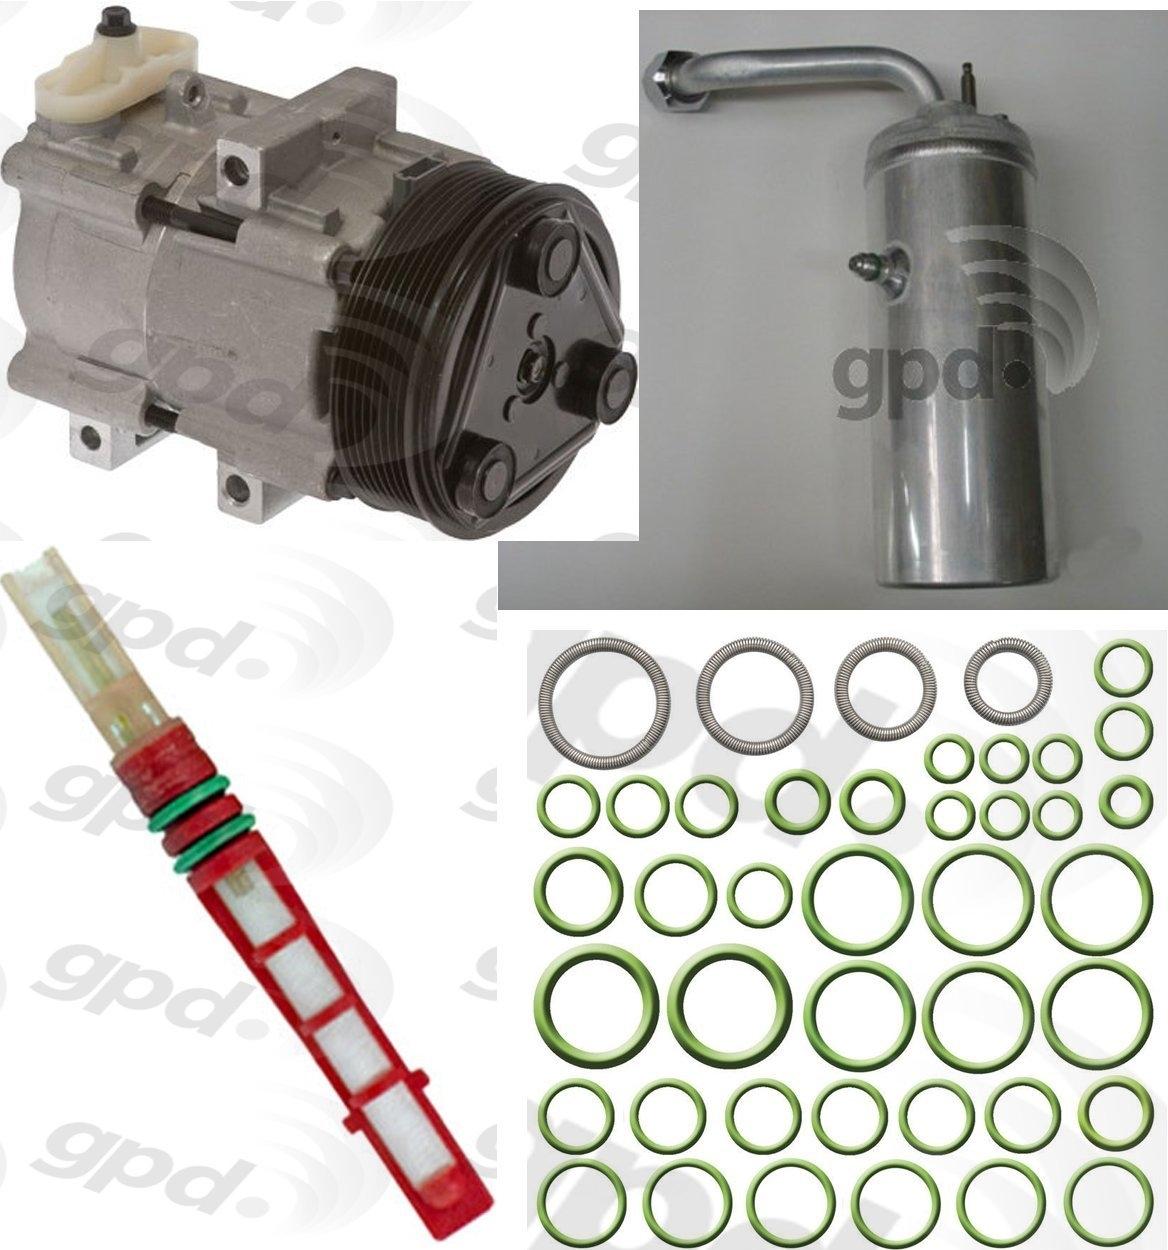 GLOBAL PARTS - Compressor Kit - GBP 9631979